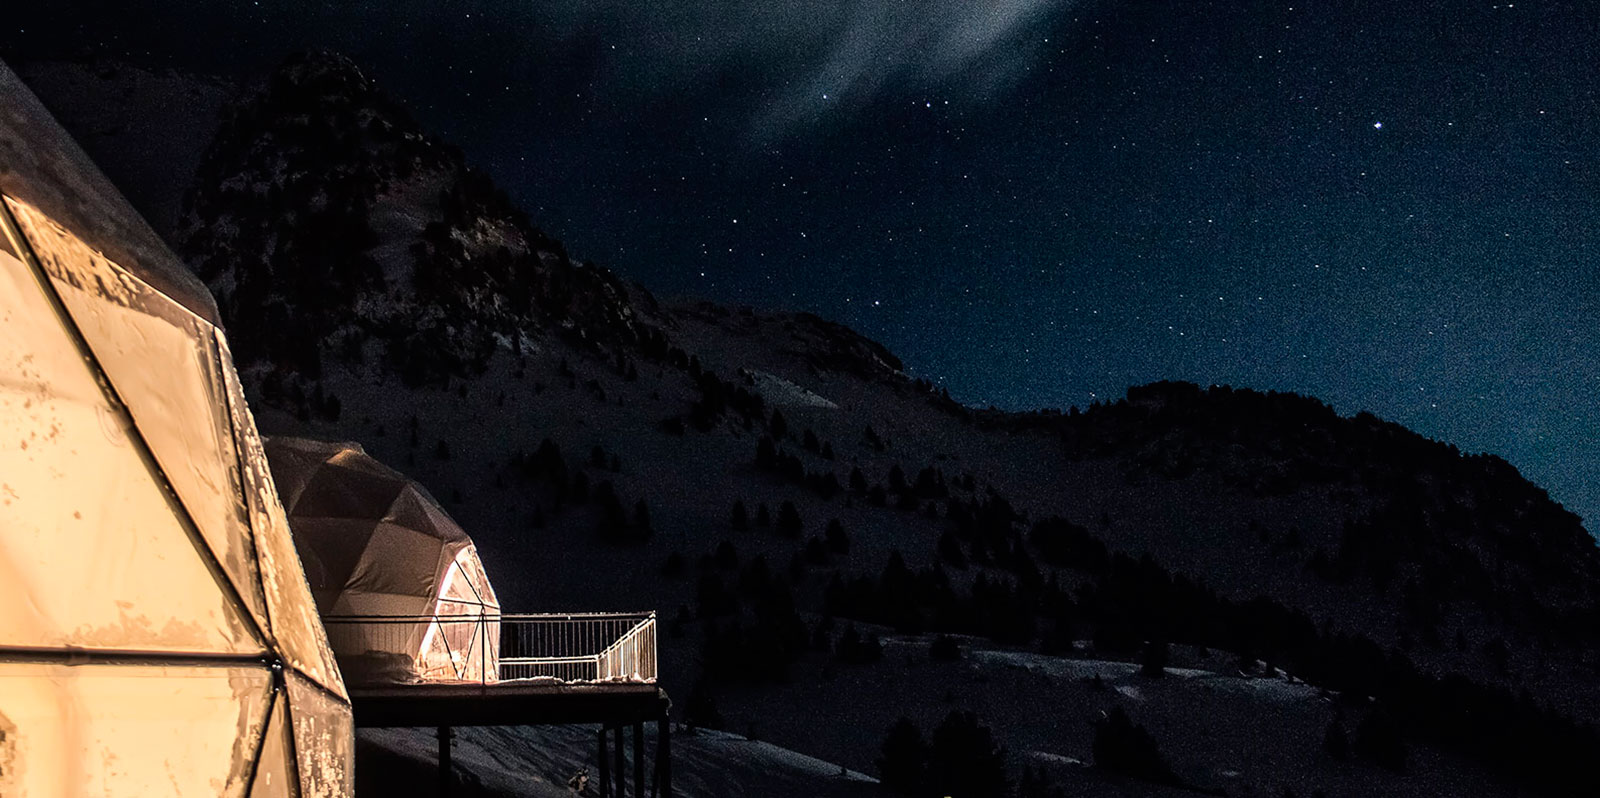 Viajes especiales a la nieve: experiencias en la nieve que no olvidarás